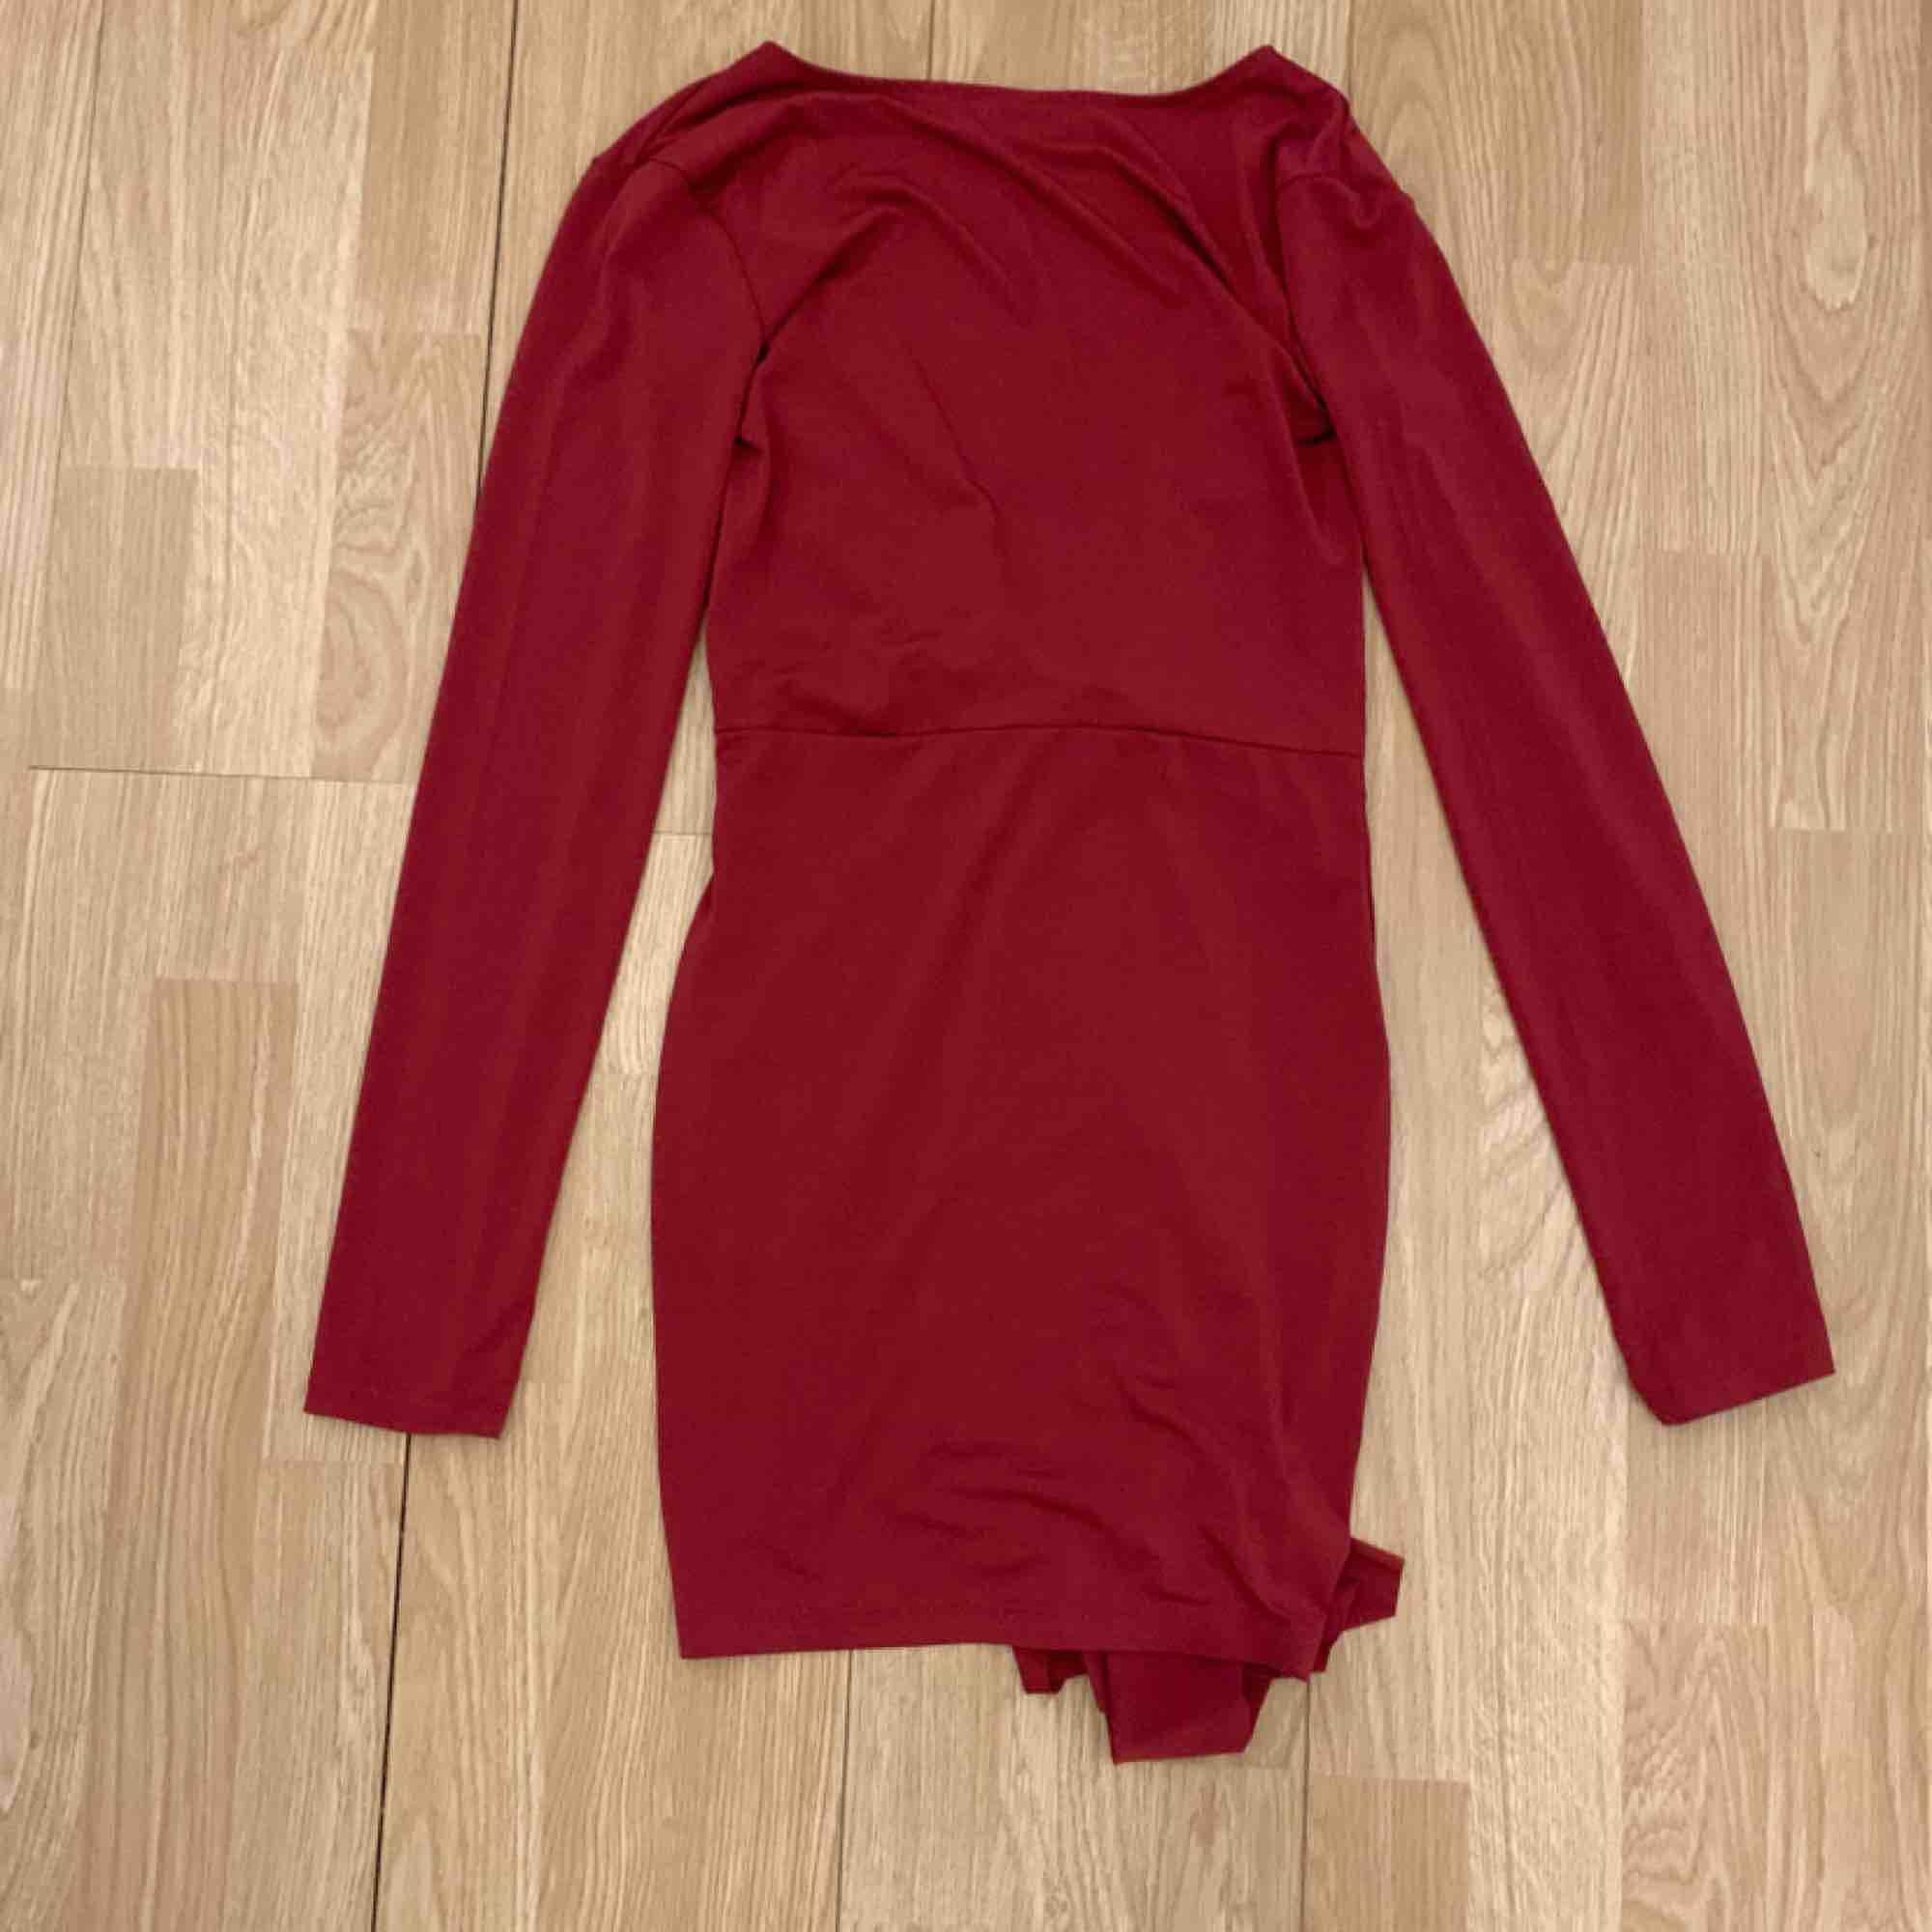 Superfin röd klänning från Oneness storlek S, fint skick.  Möts upp i Stockholm eller fraktar.  Frakt kostar 54kr extra, postar med videobevis/bildbevis. Jag garanterar en snabb pålitlig affär!✨. Klänningar.